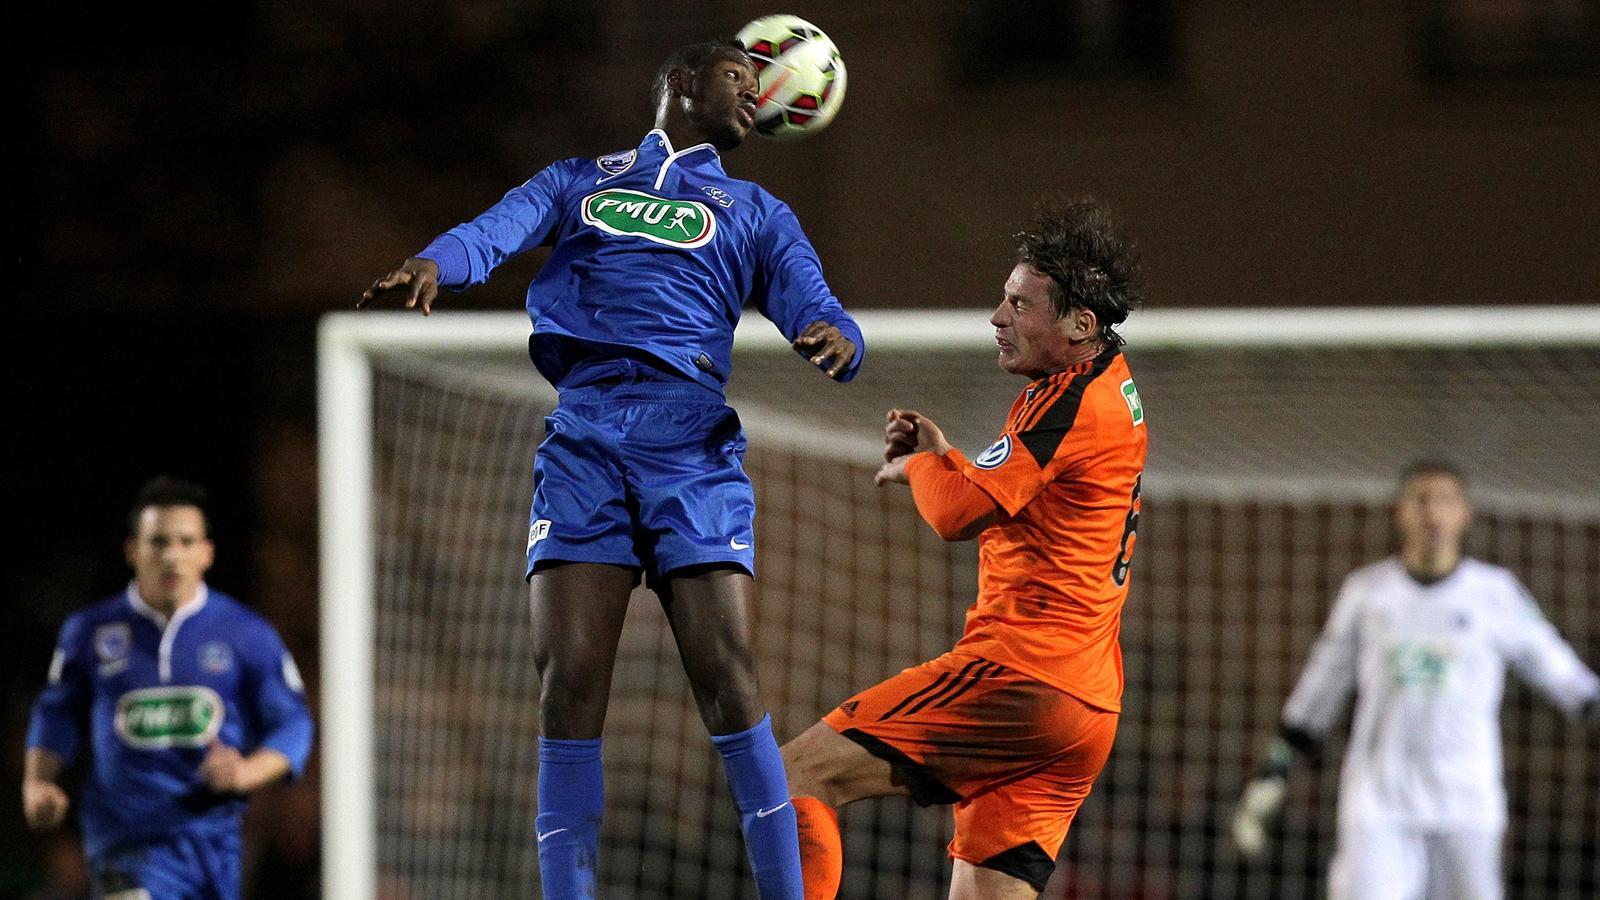 Coupe de france 32es de finale lorient s 39 incline avranches national coupe de france - Coupe de france 2014 2015 ...